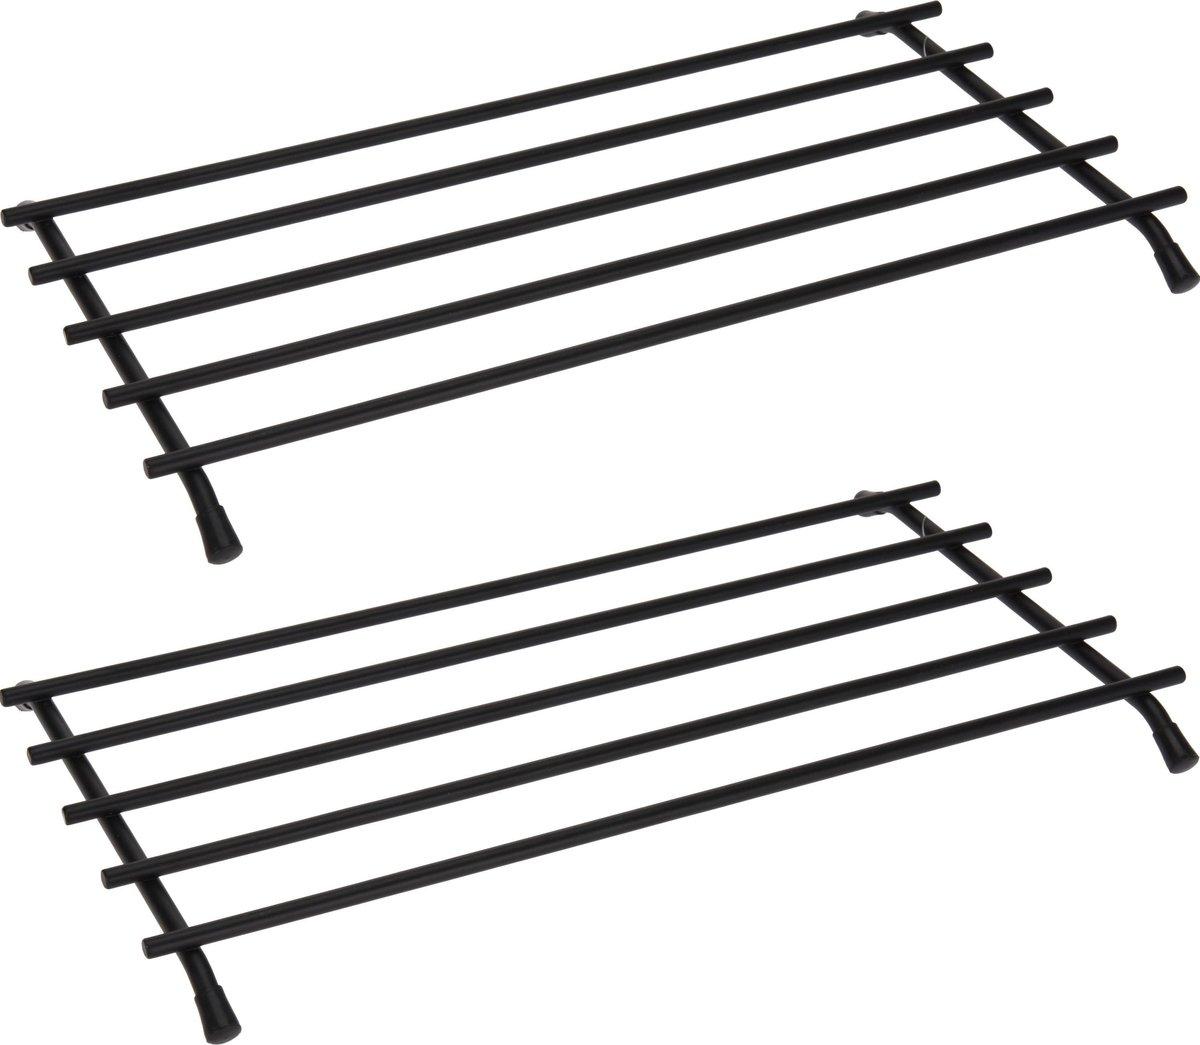 2x Metalen zwarte pannen/ovenschalen onderzetters 35 x 20 cm - Keukenbenodigdheden - Kookbenodigdhed